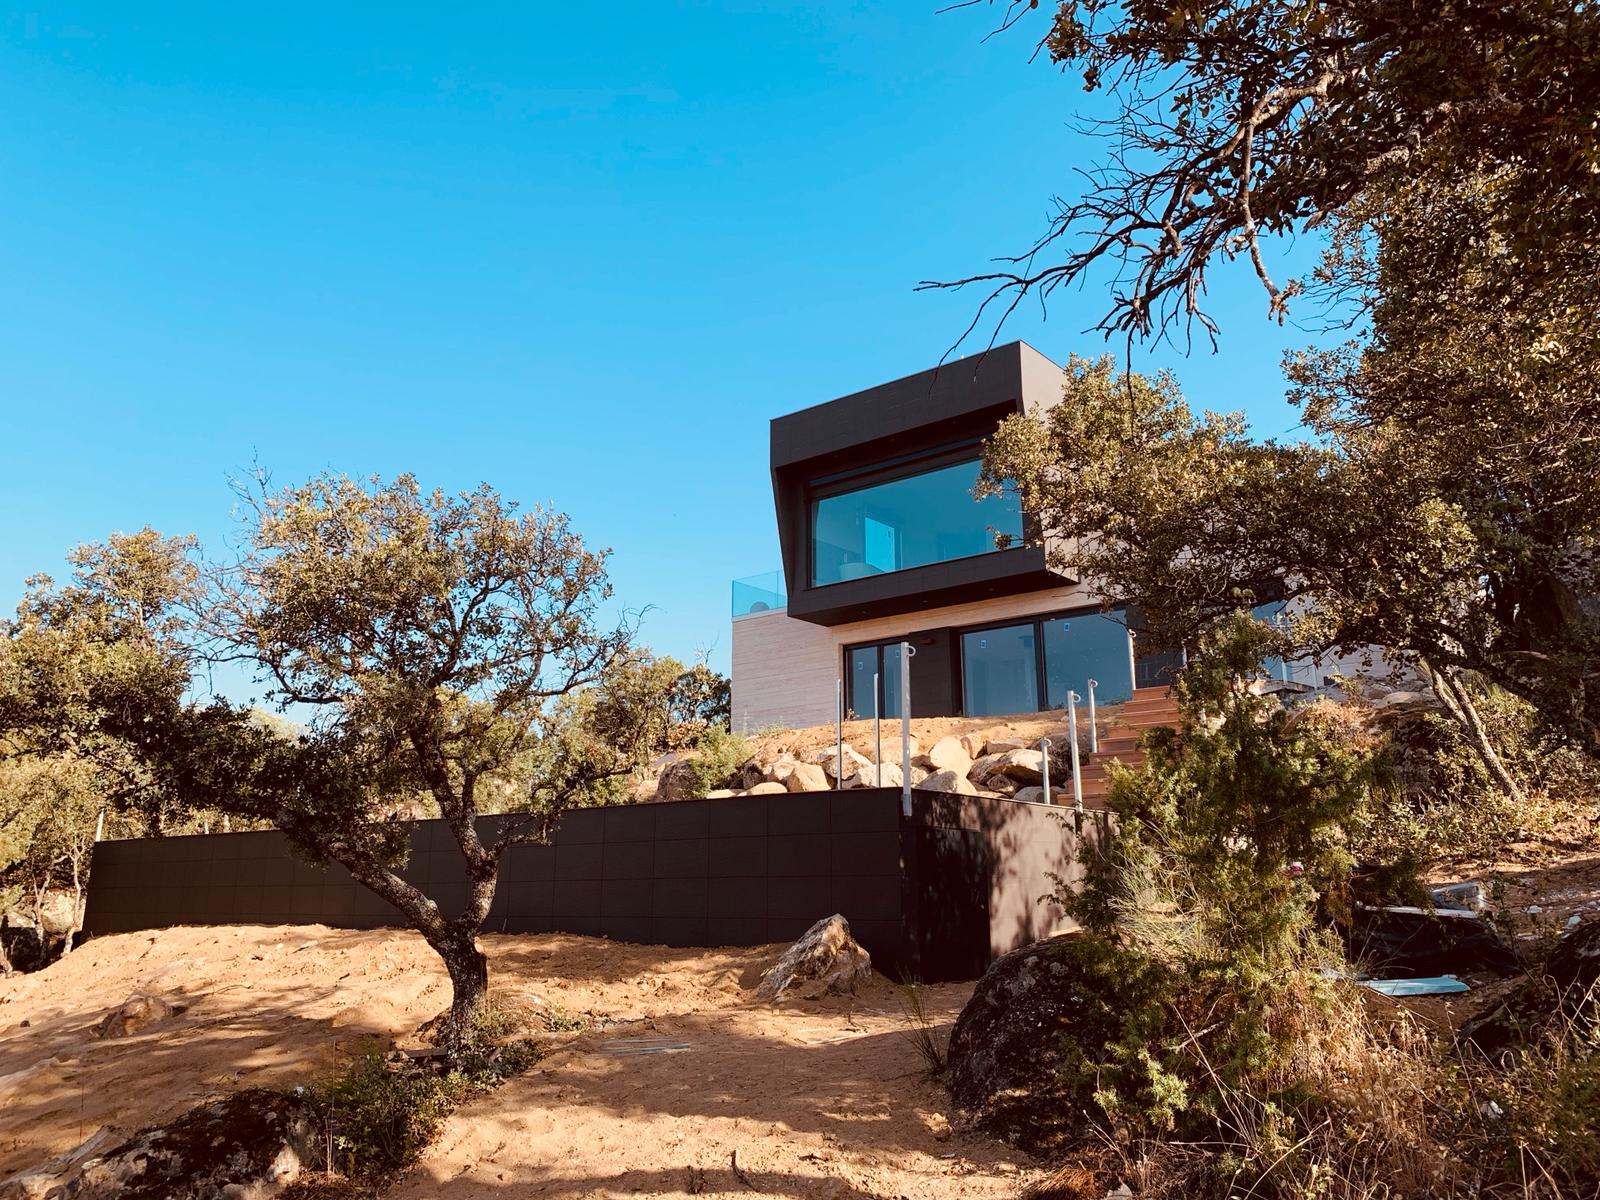 casa-prefabricada-moderna-navalgamella-madrid-1